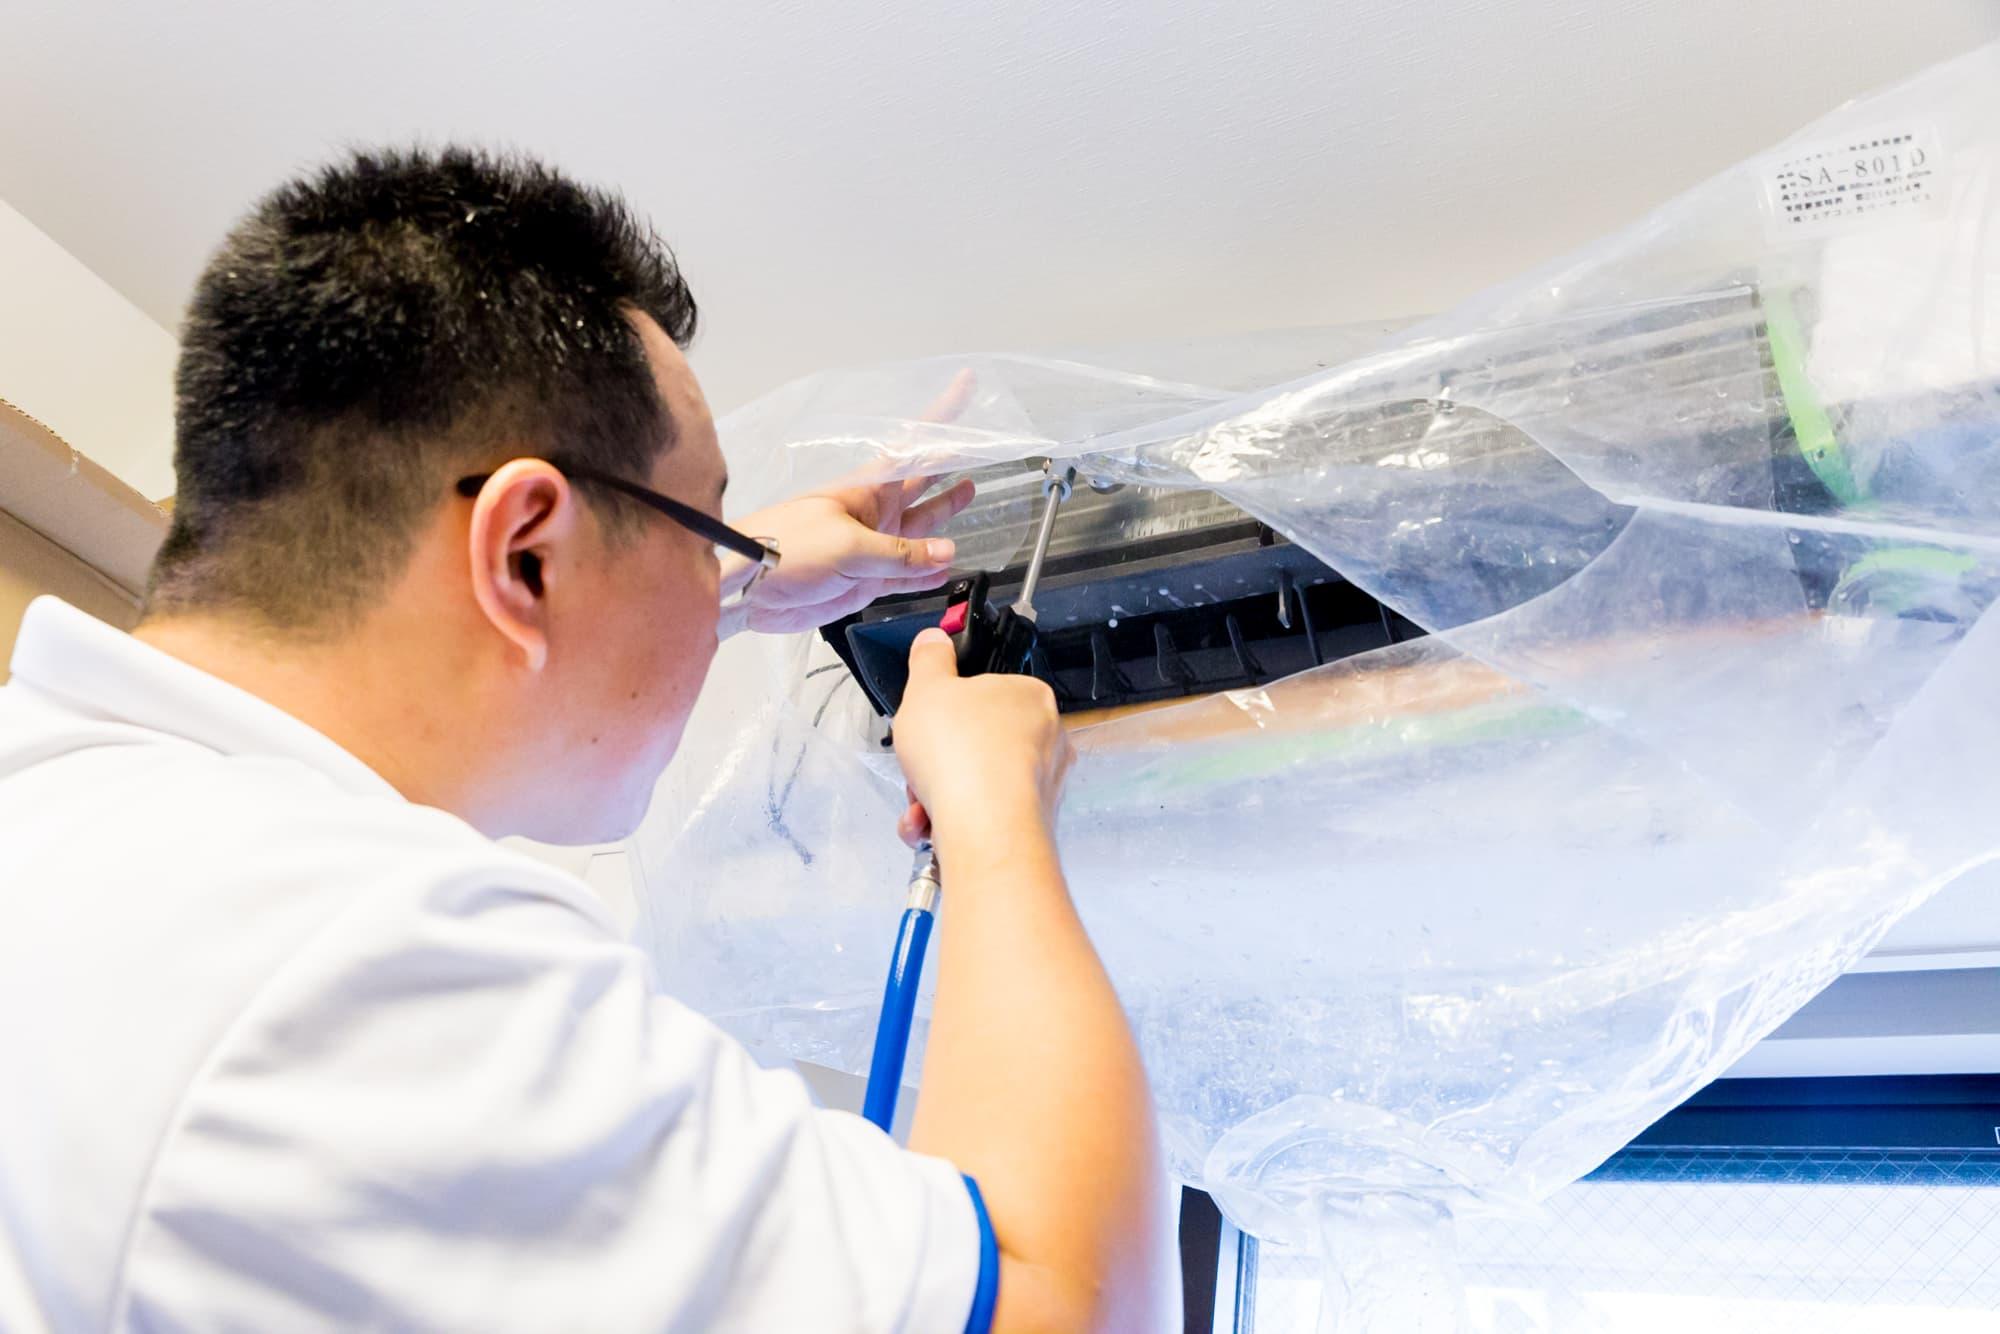 エアコン掃除をしている実際のプロの写真